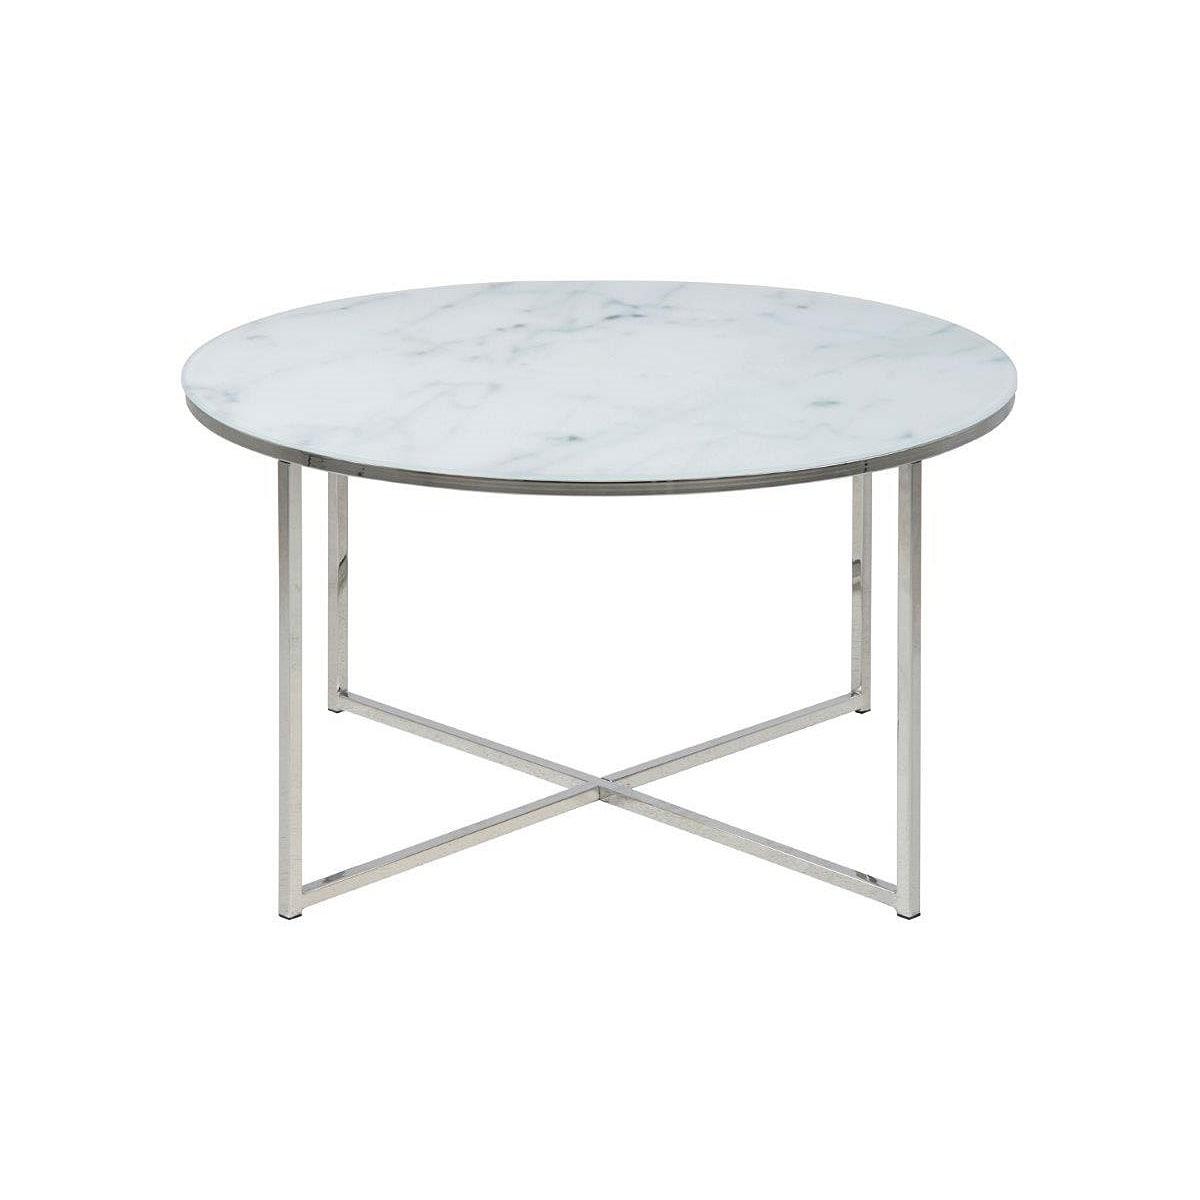 couchtisch online kaufen | porta! online shop - Marmor Wohnzimmer Tische